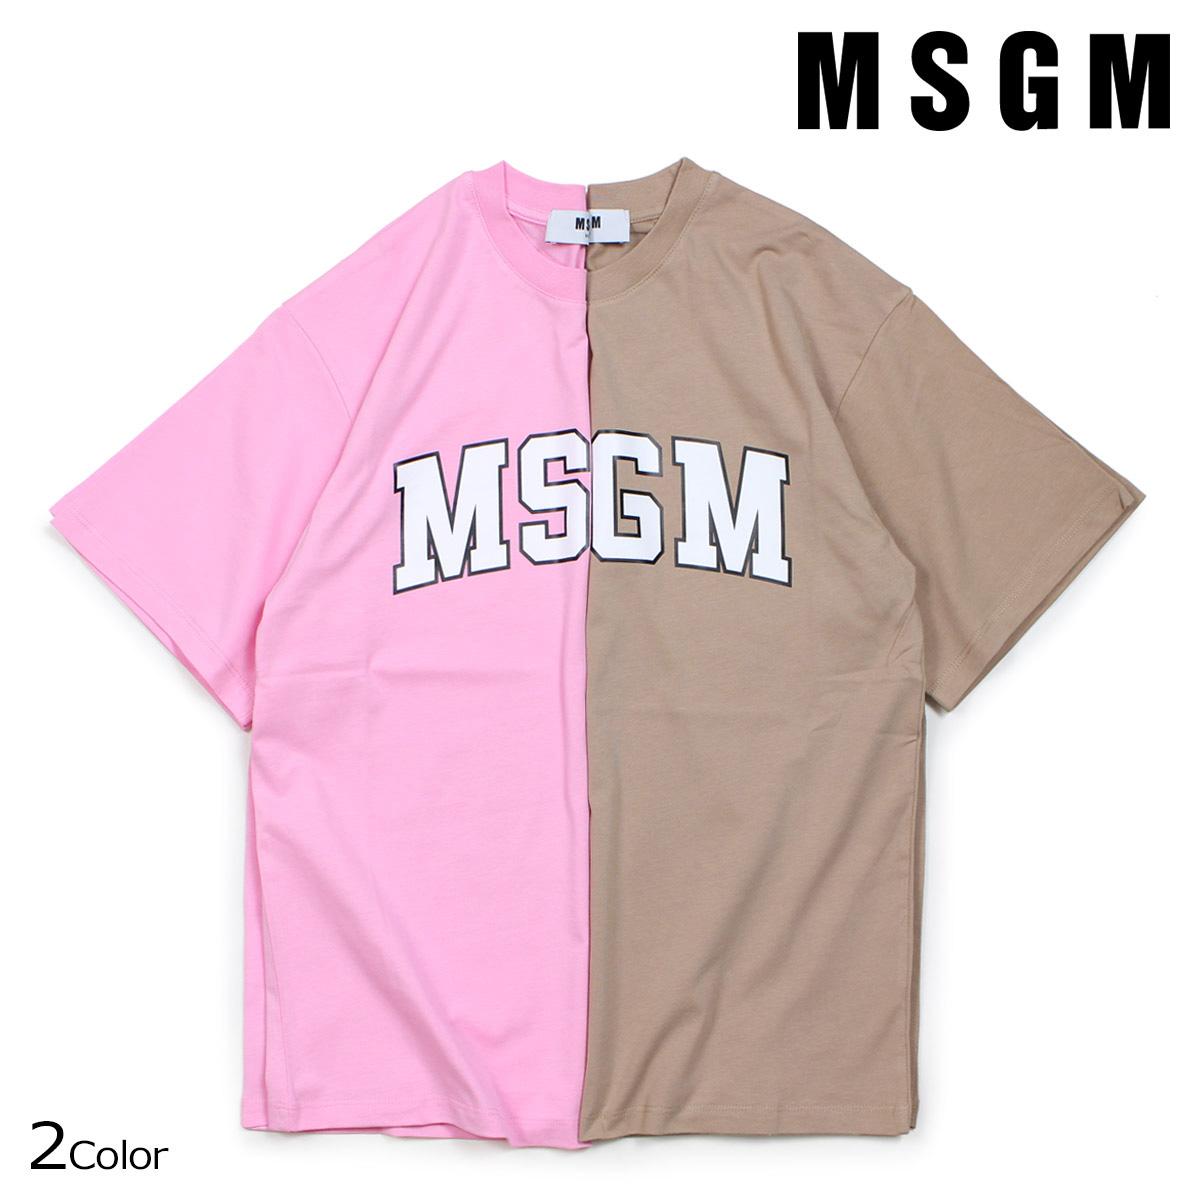 MSGM COLLEGE LOGO T-SHIRTS Tシャツ レディース エムエスジーエム 半袖 ブラウンベージュ ピンク 2541MDM162 184798